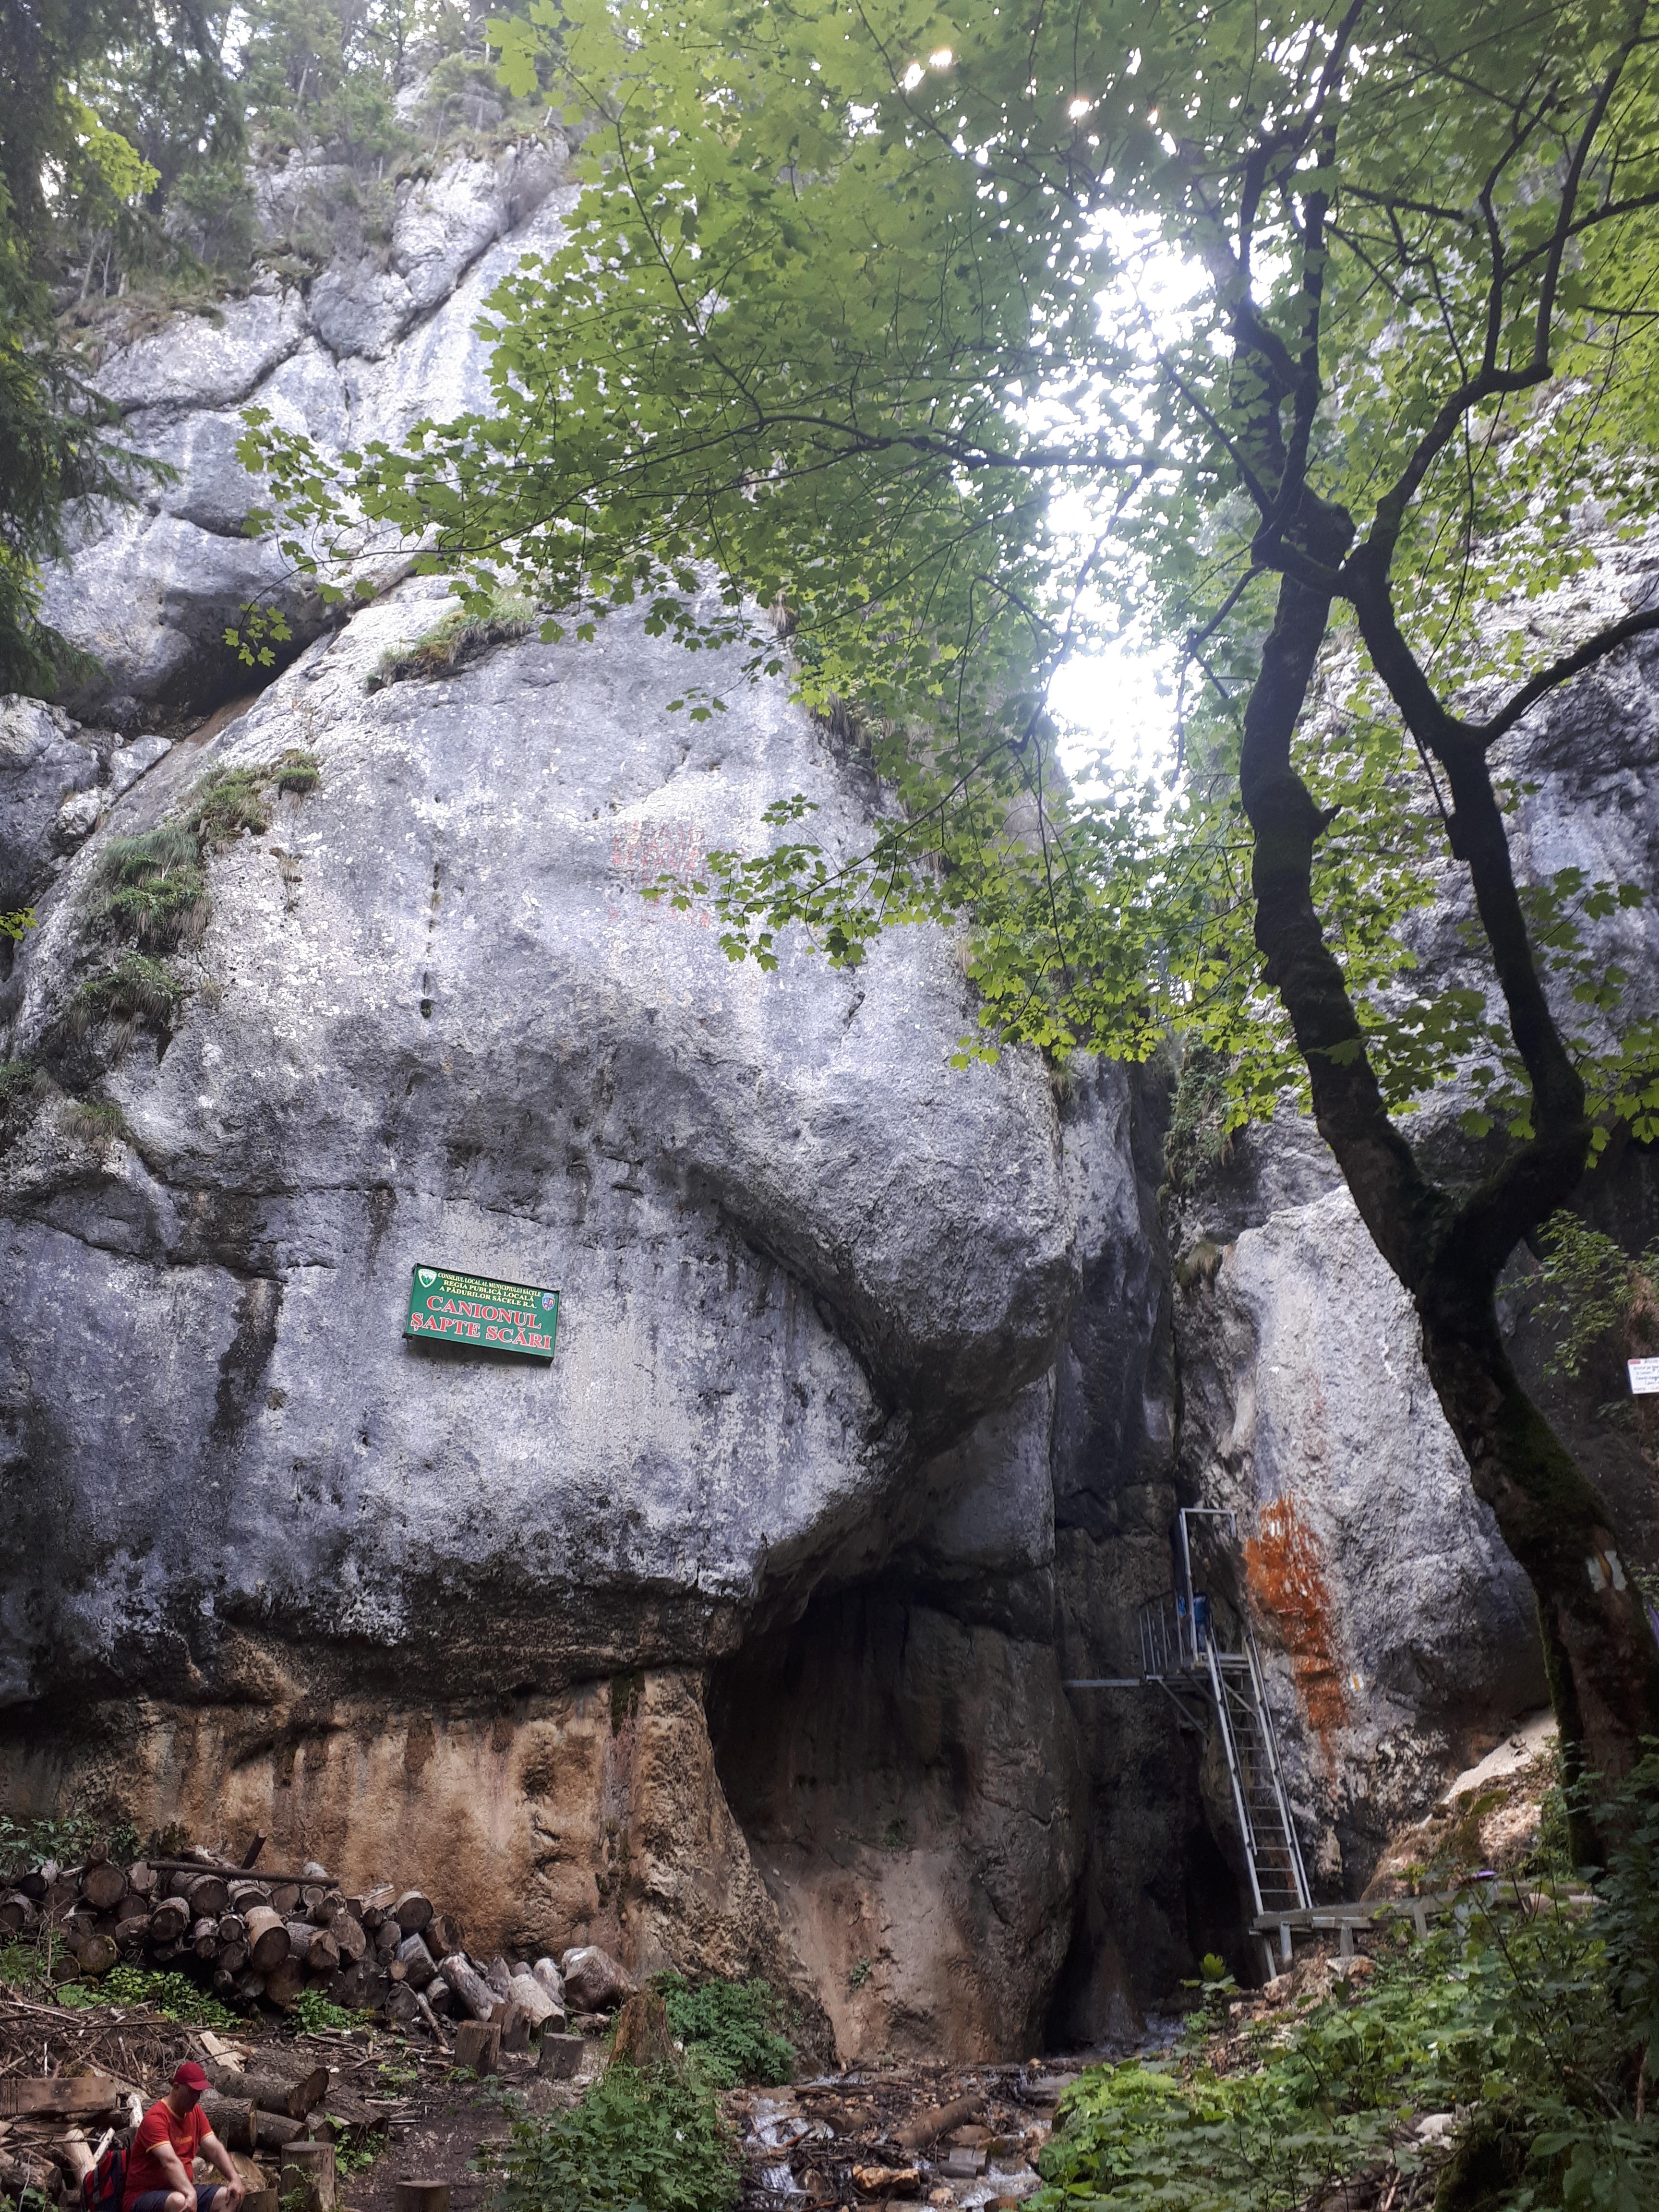 Trasee montane cu copii mici – Canionul 7 Scări